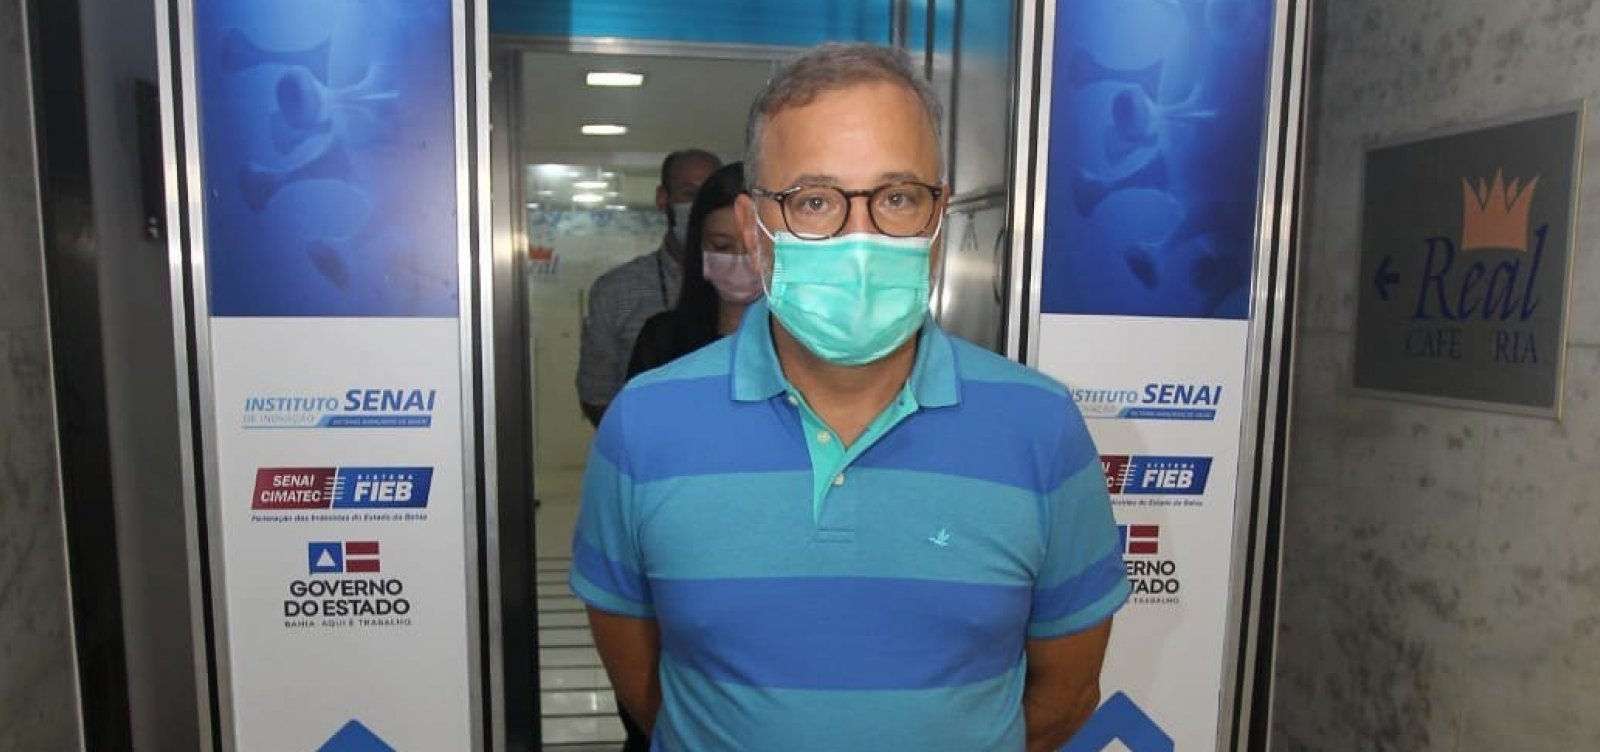 [Bahia não fará testes em massa de coronavírus, anuncia secretário]